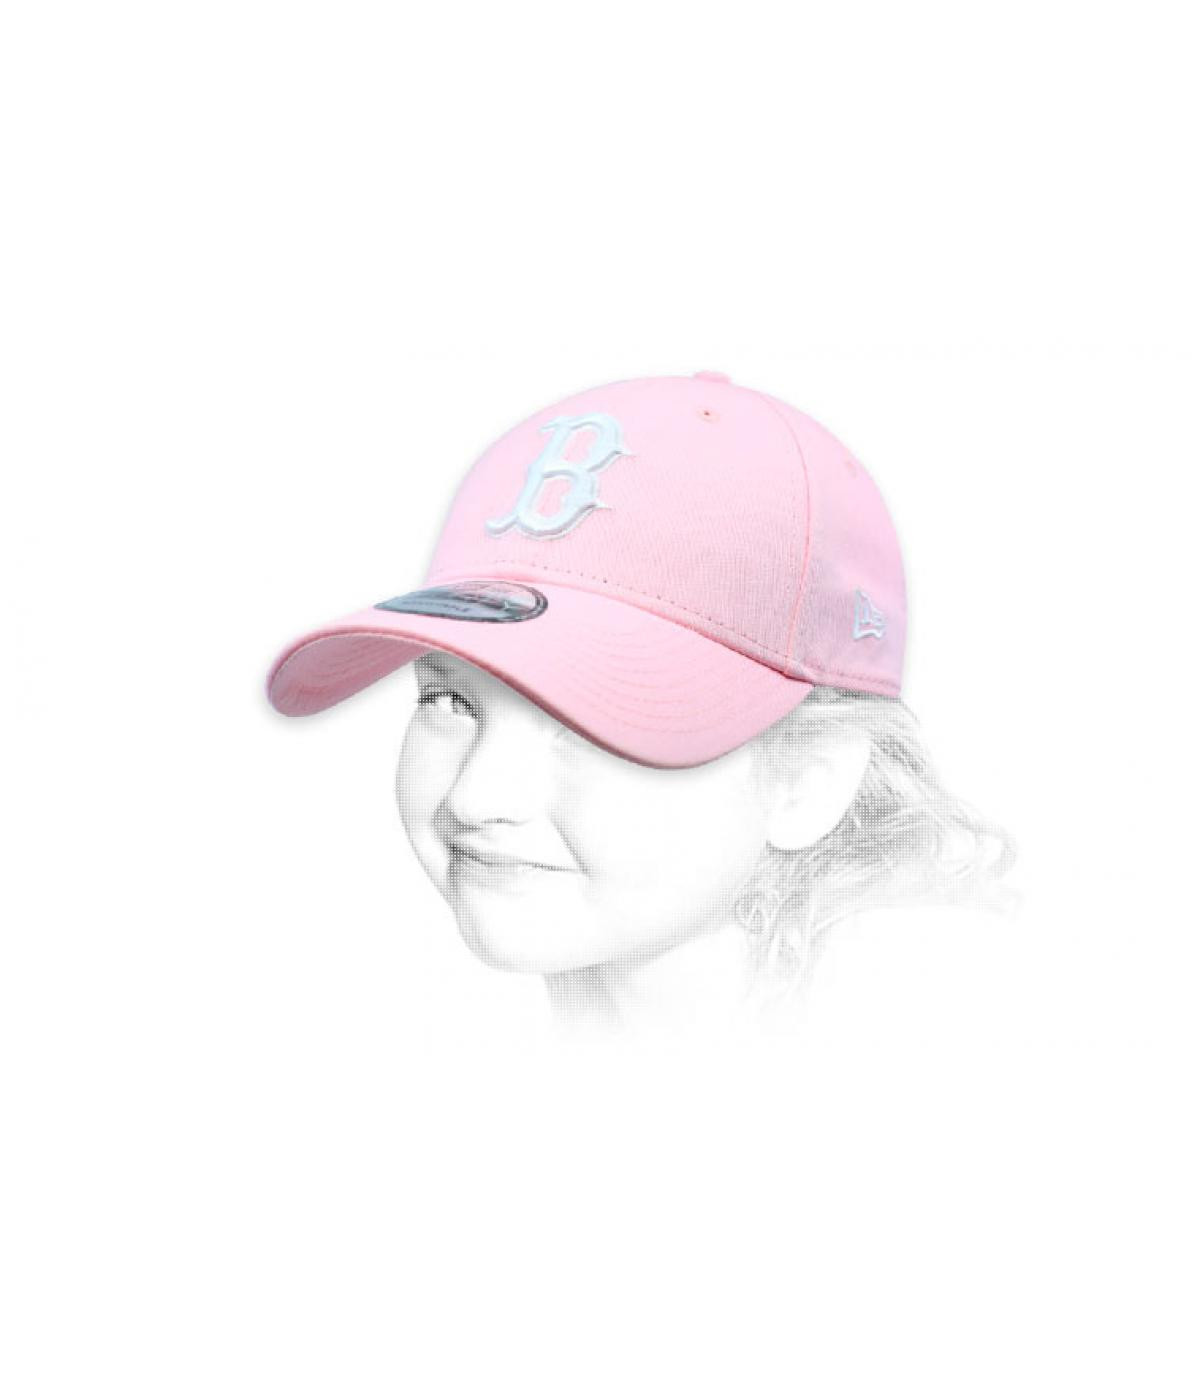 B cap bambino rosa